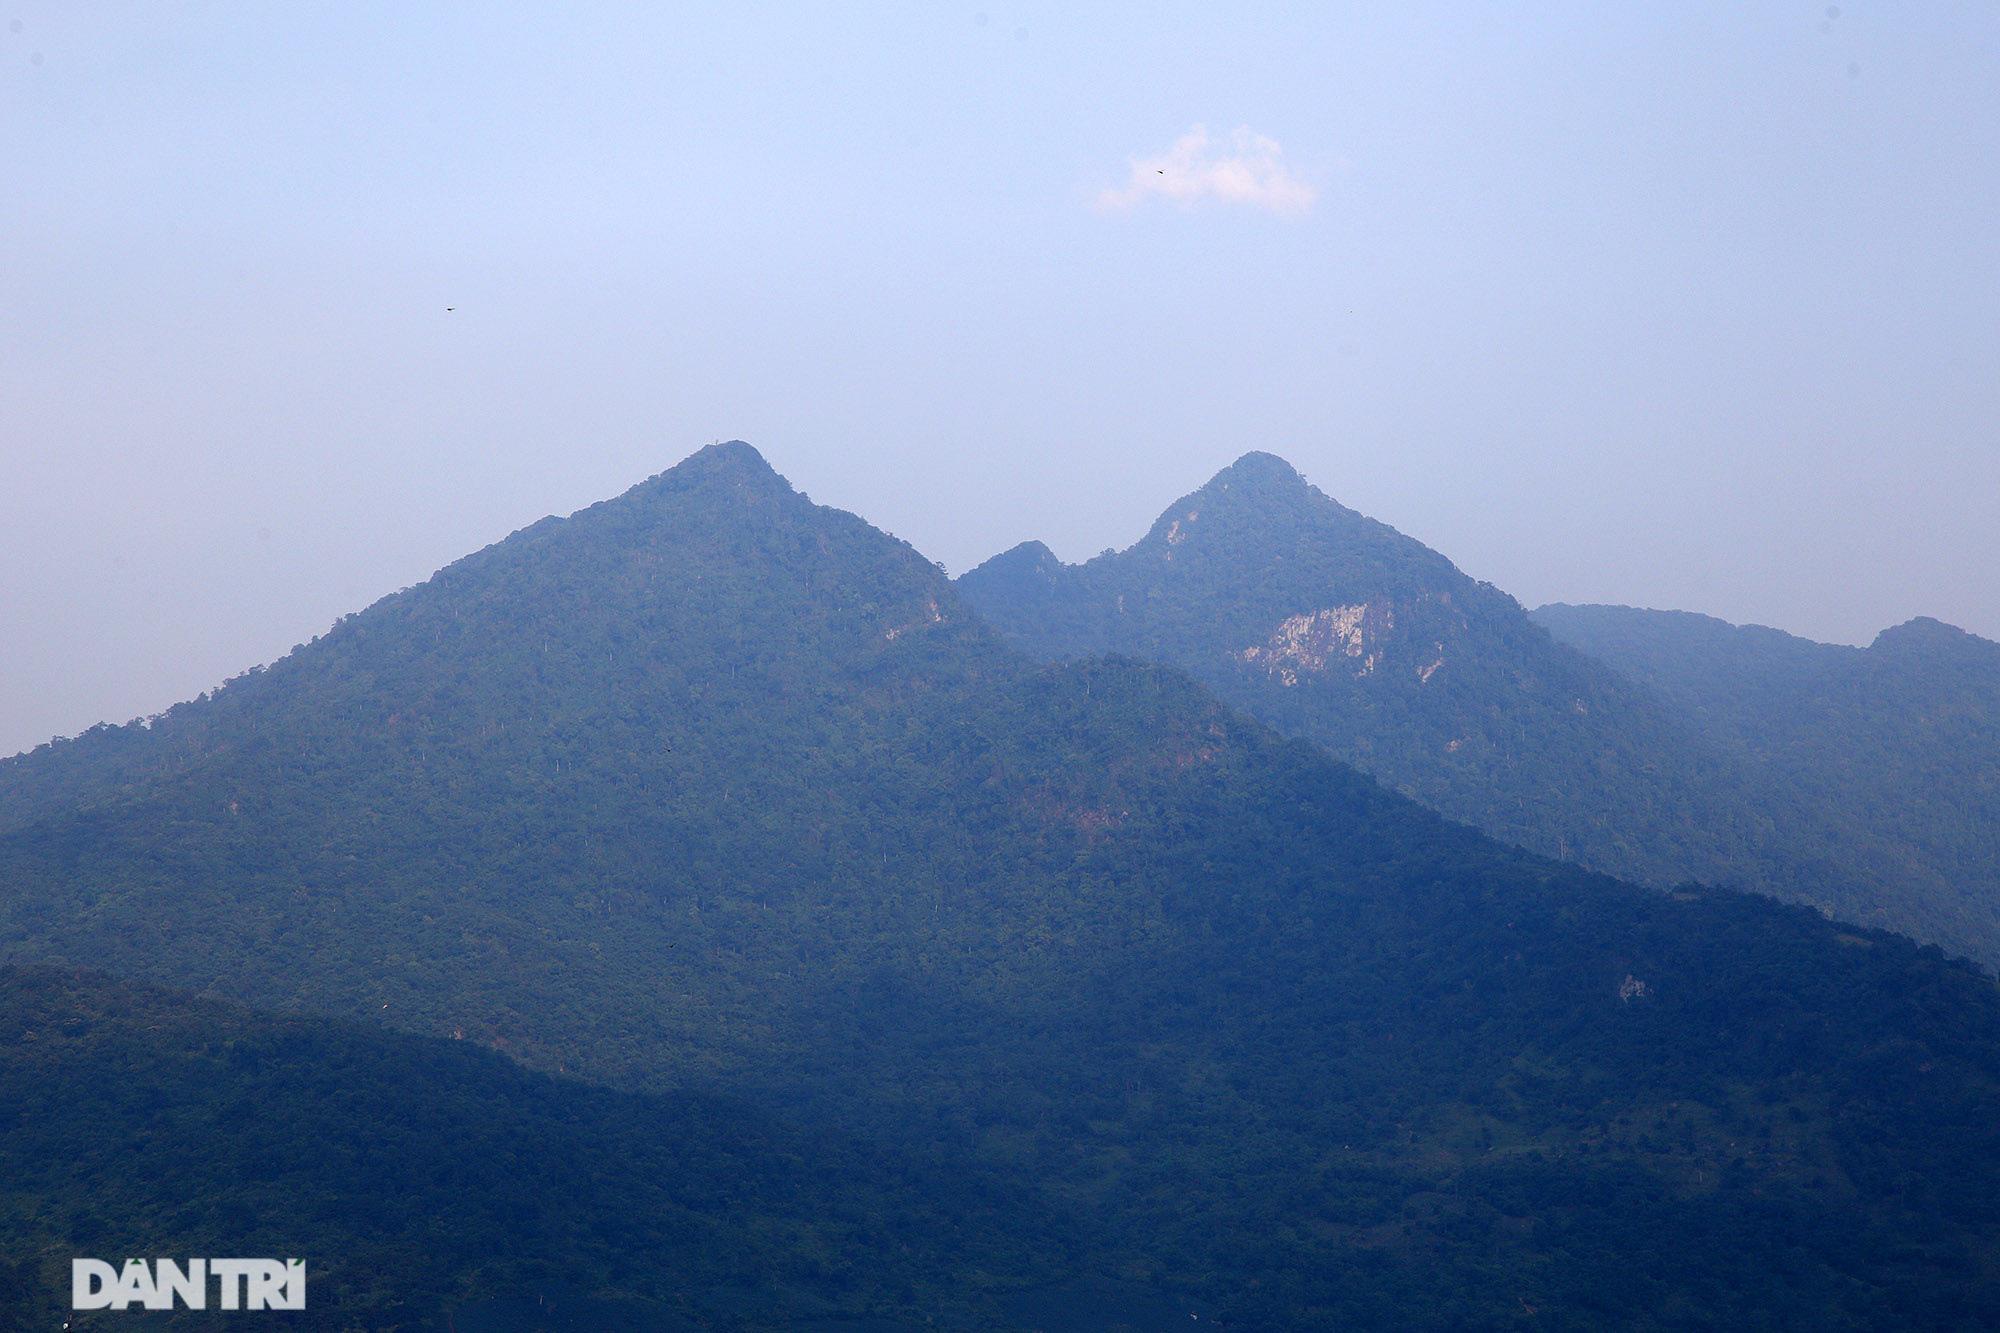 Núi thiêng gần Hà Nội đẹp mê mải nhìn từ muôn phương tám hướng - Ảnh 10.